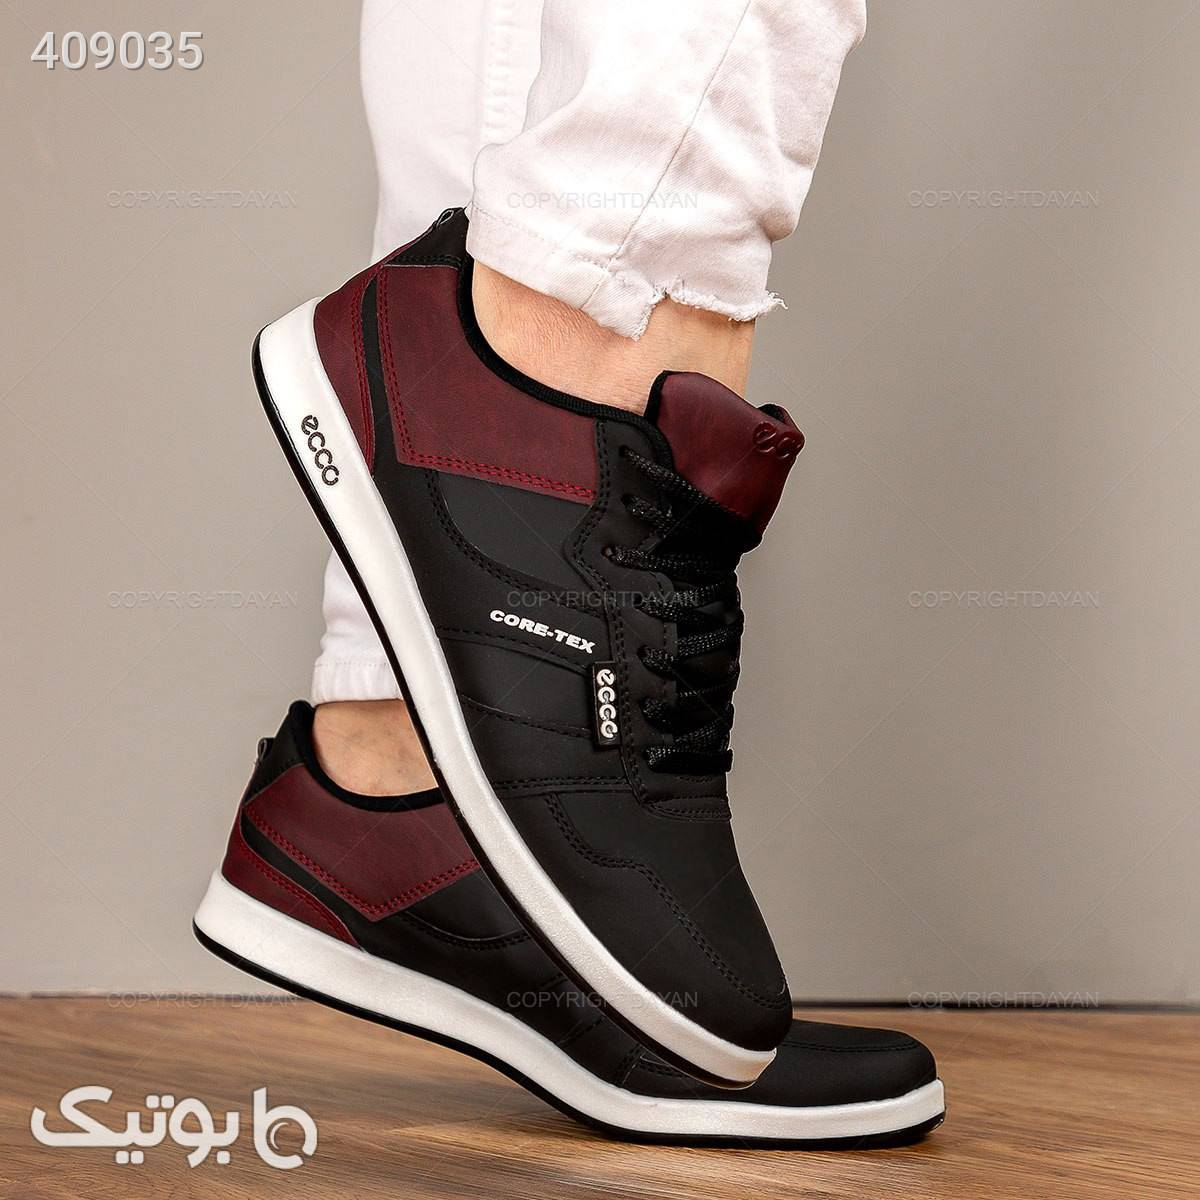 کفش اسپرت هورس اکولایزر مشکی كفش مردانه